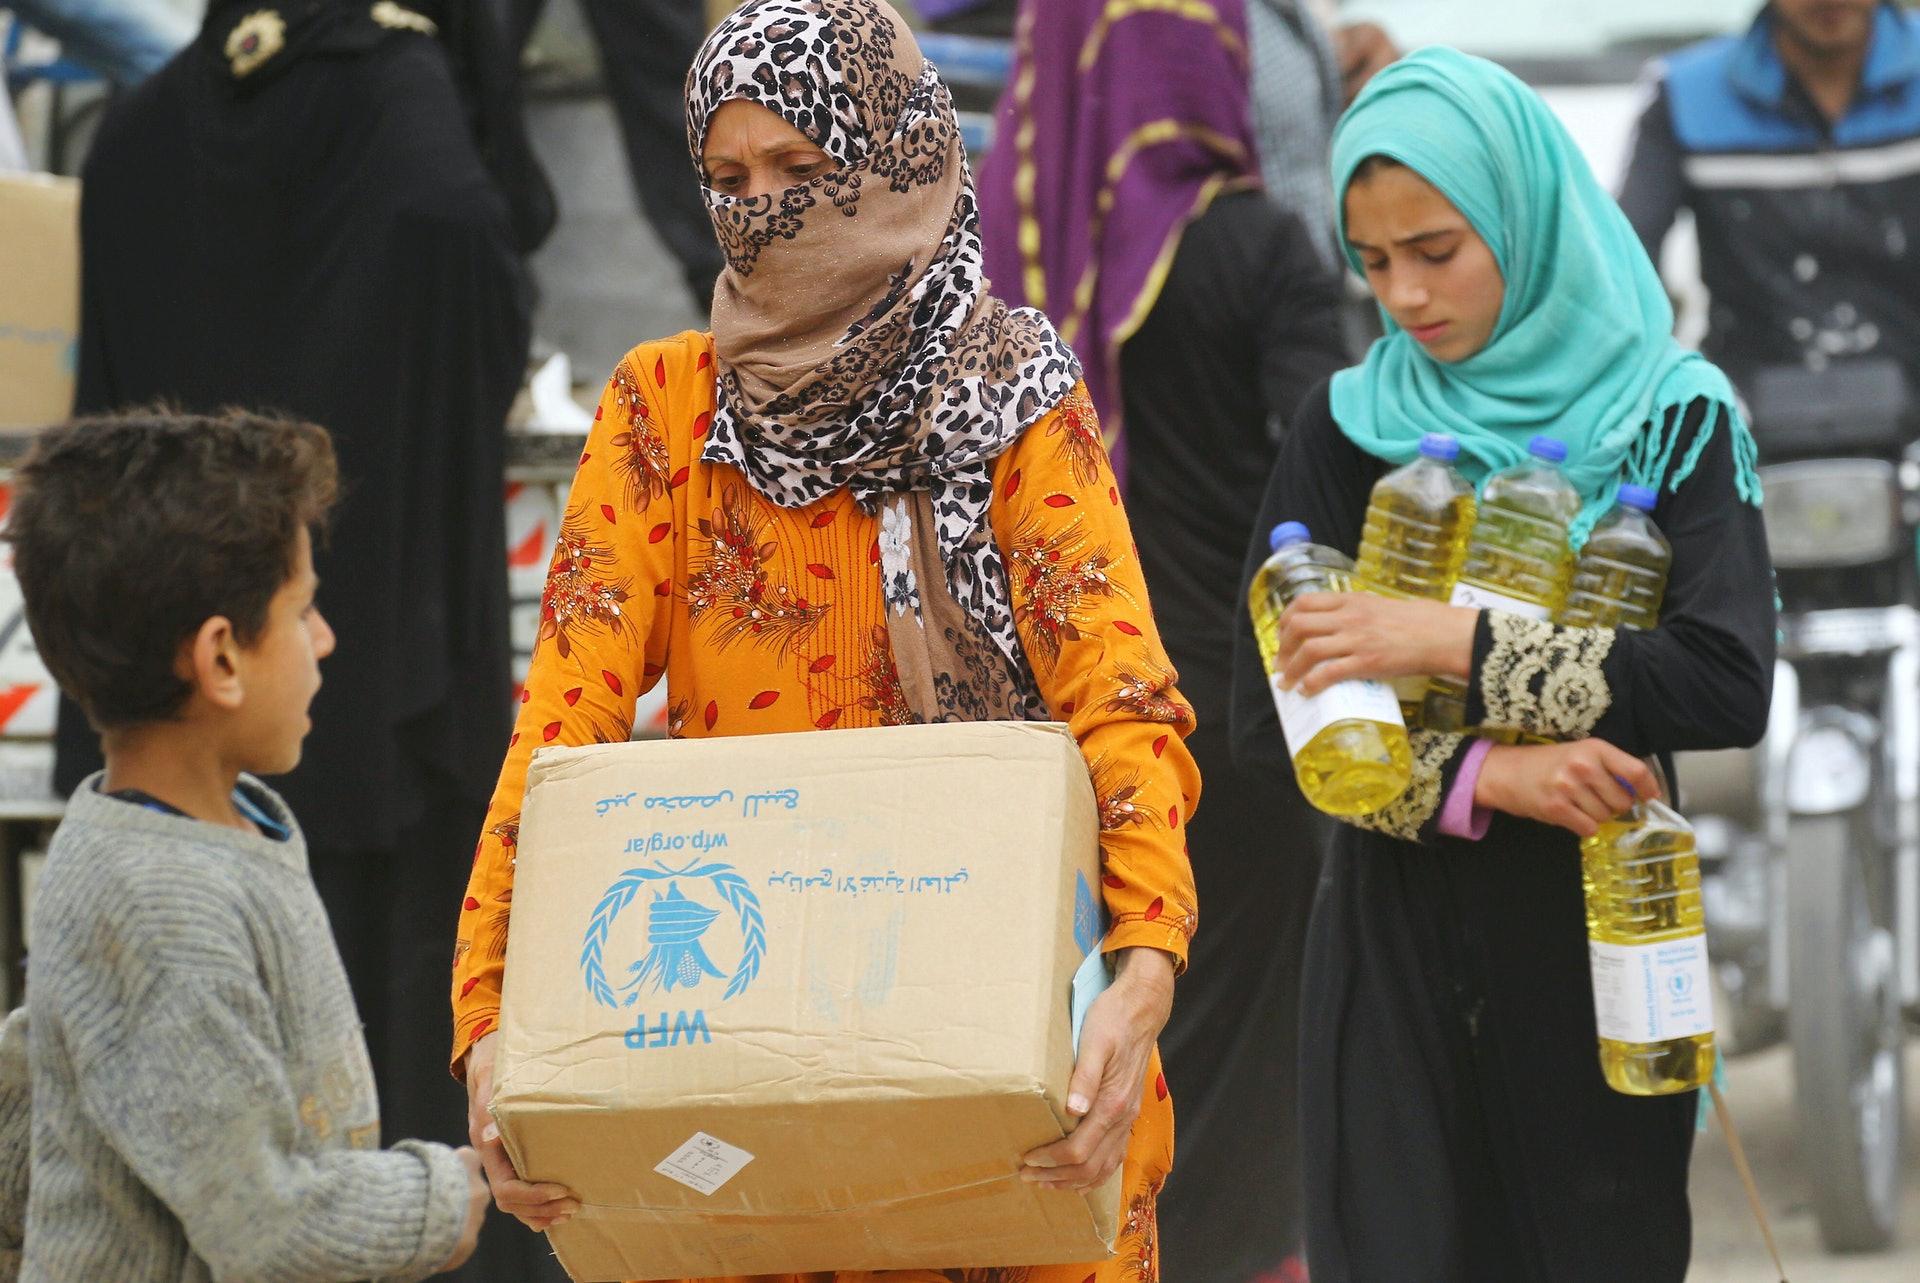 图为2018年4月,在叙利亚拉卡的妇女获取来自世界粮食计划署的援助食物(Reuters)